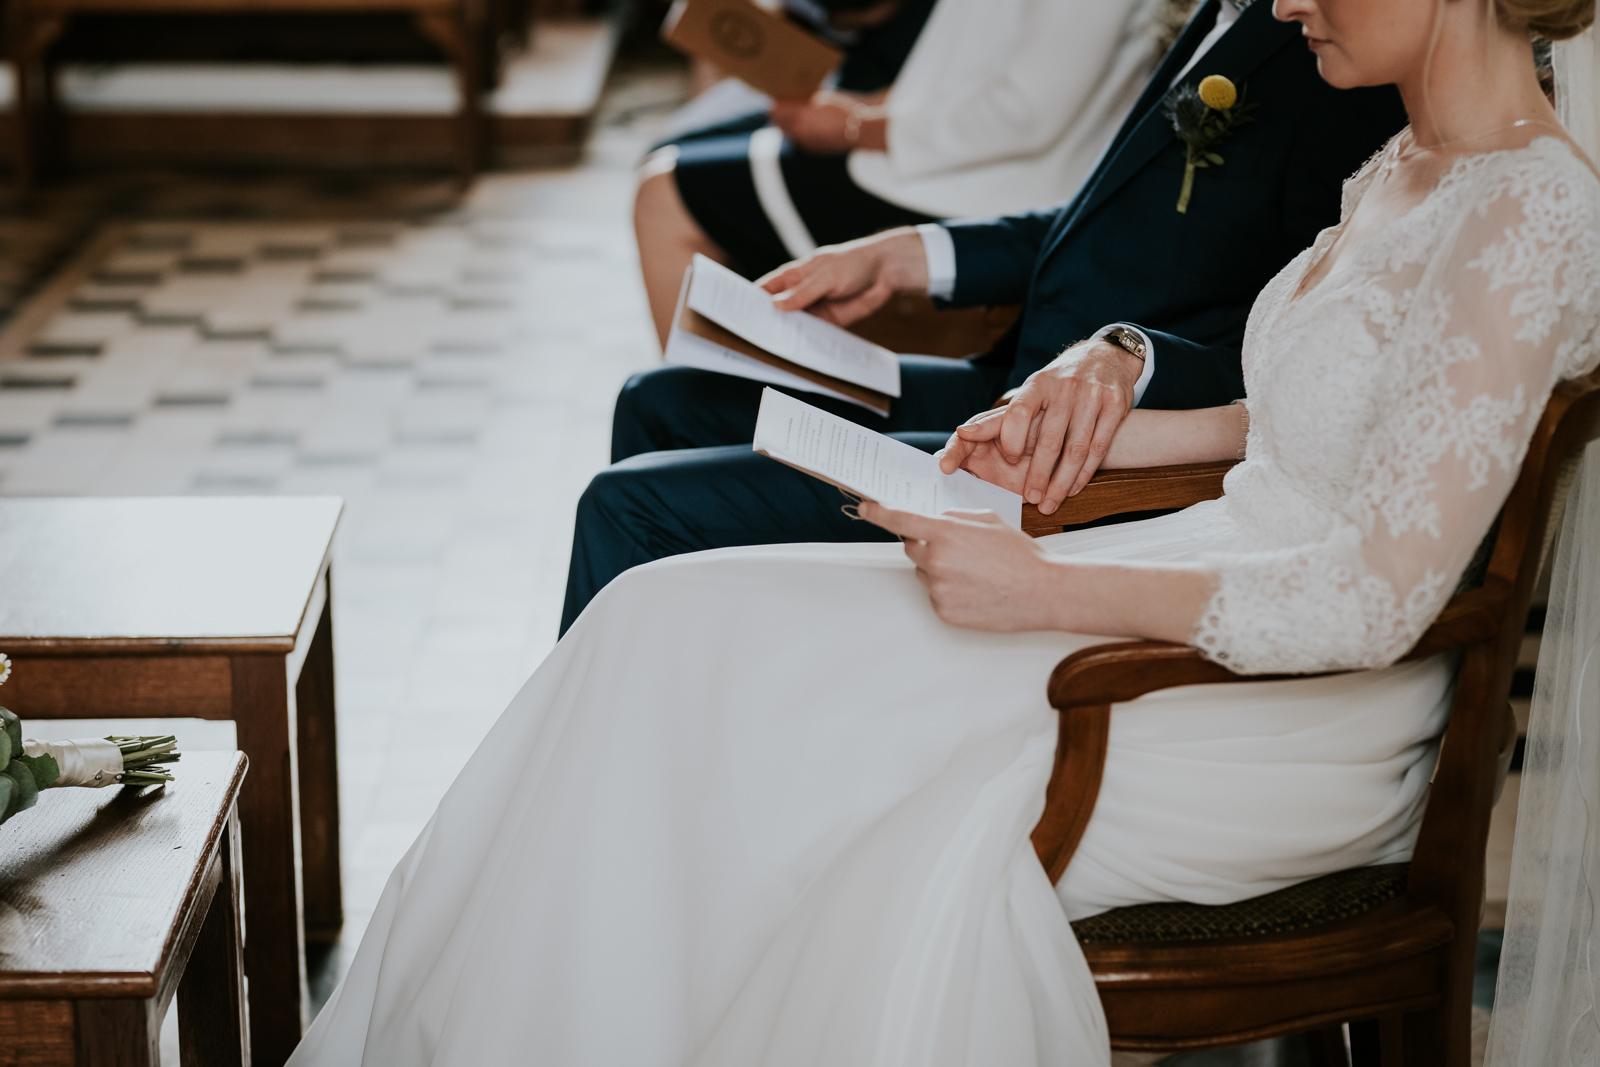 Photographe de mariage - Le Colombier Wicres